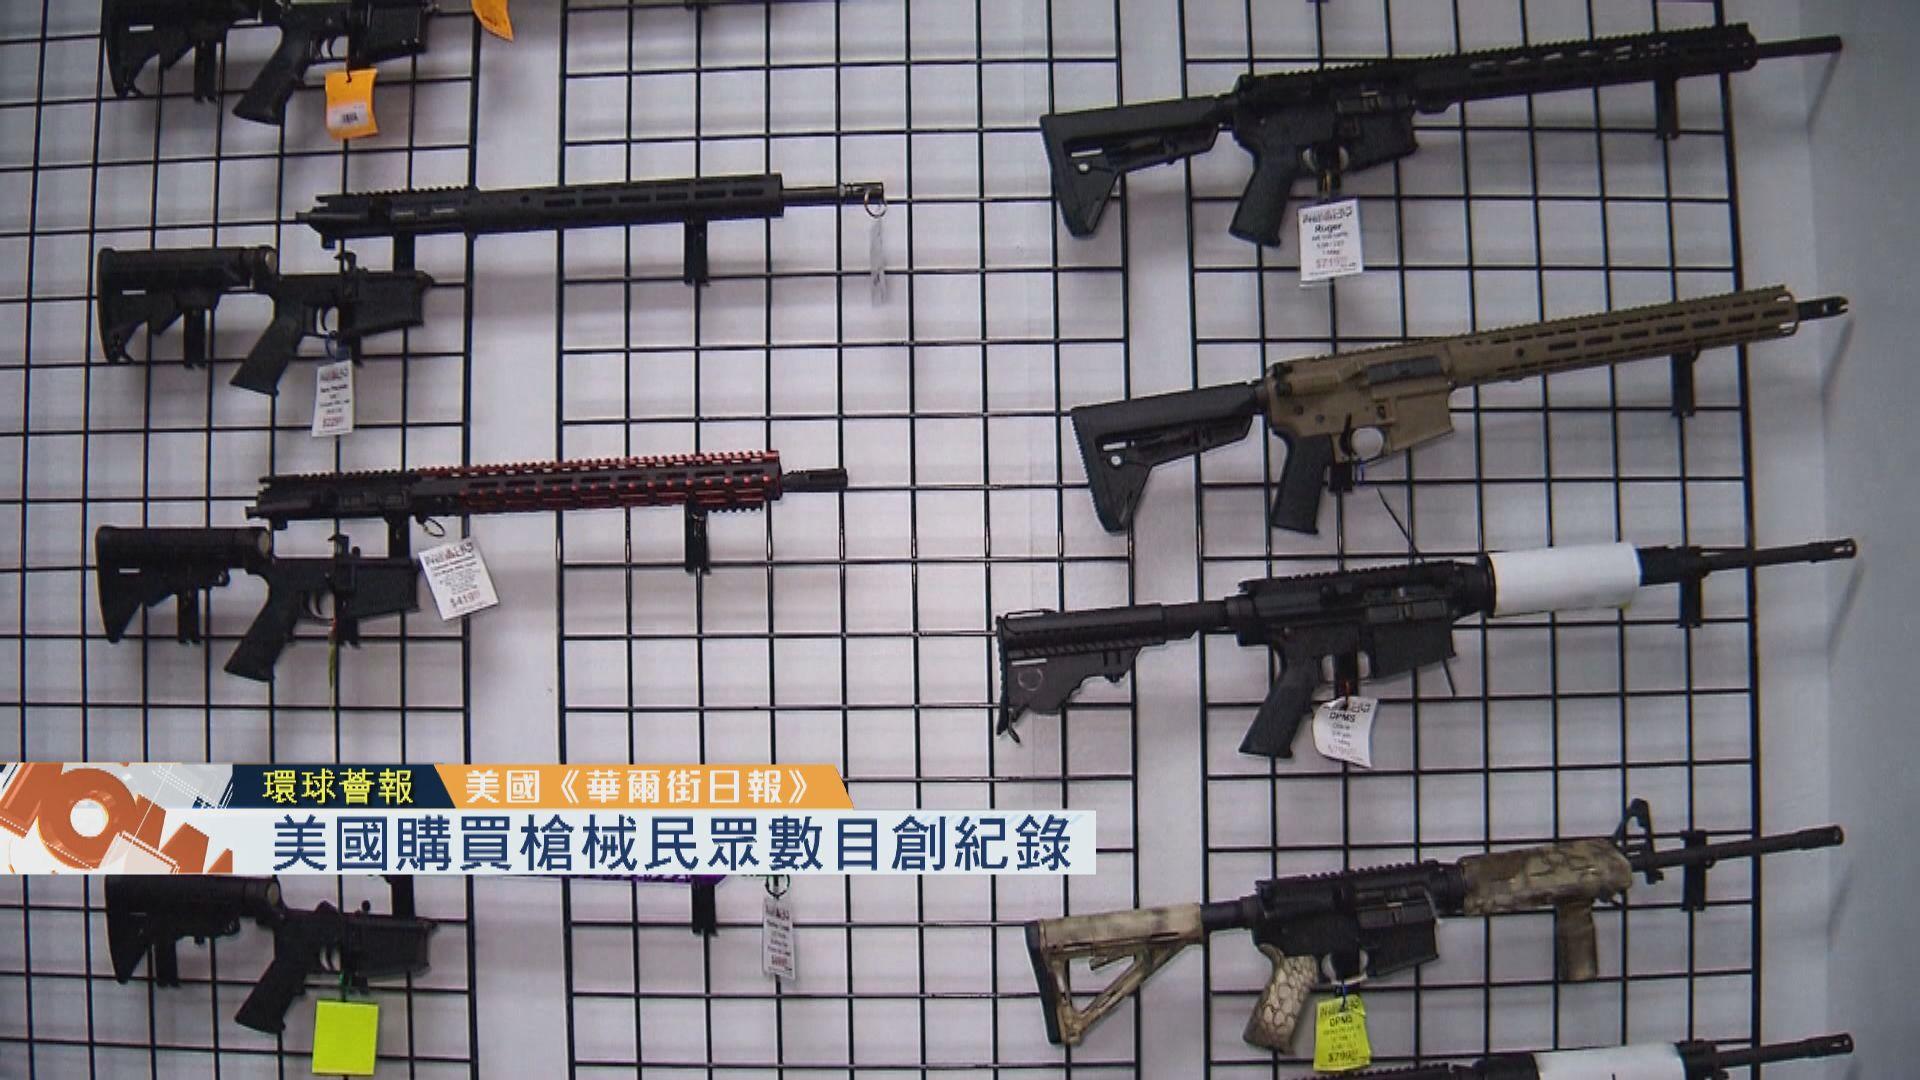 【環球薈報】美國購買槍械民眾數目創紀錄